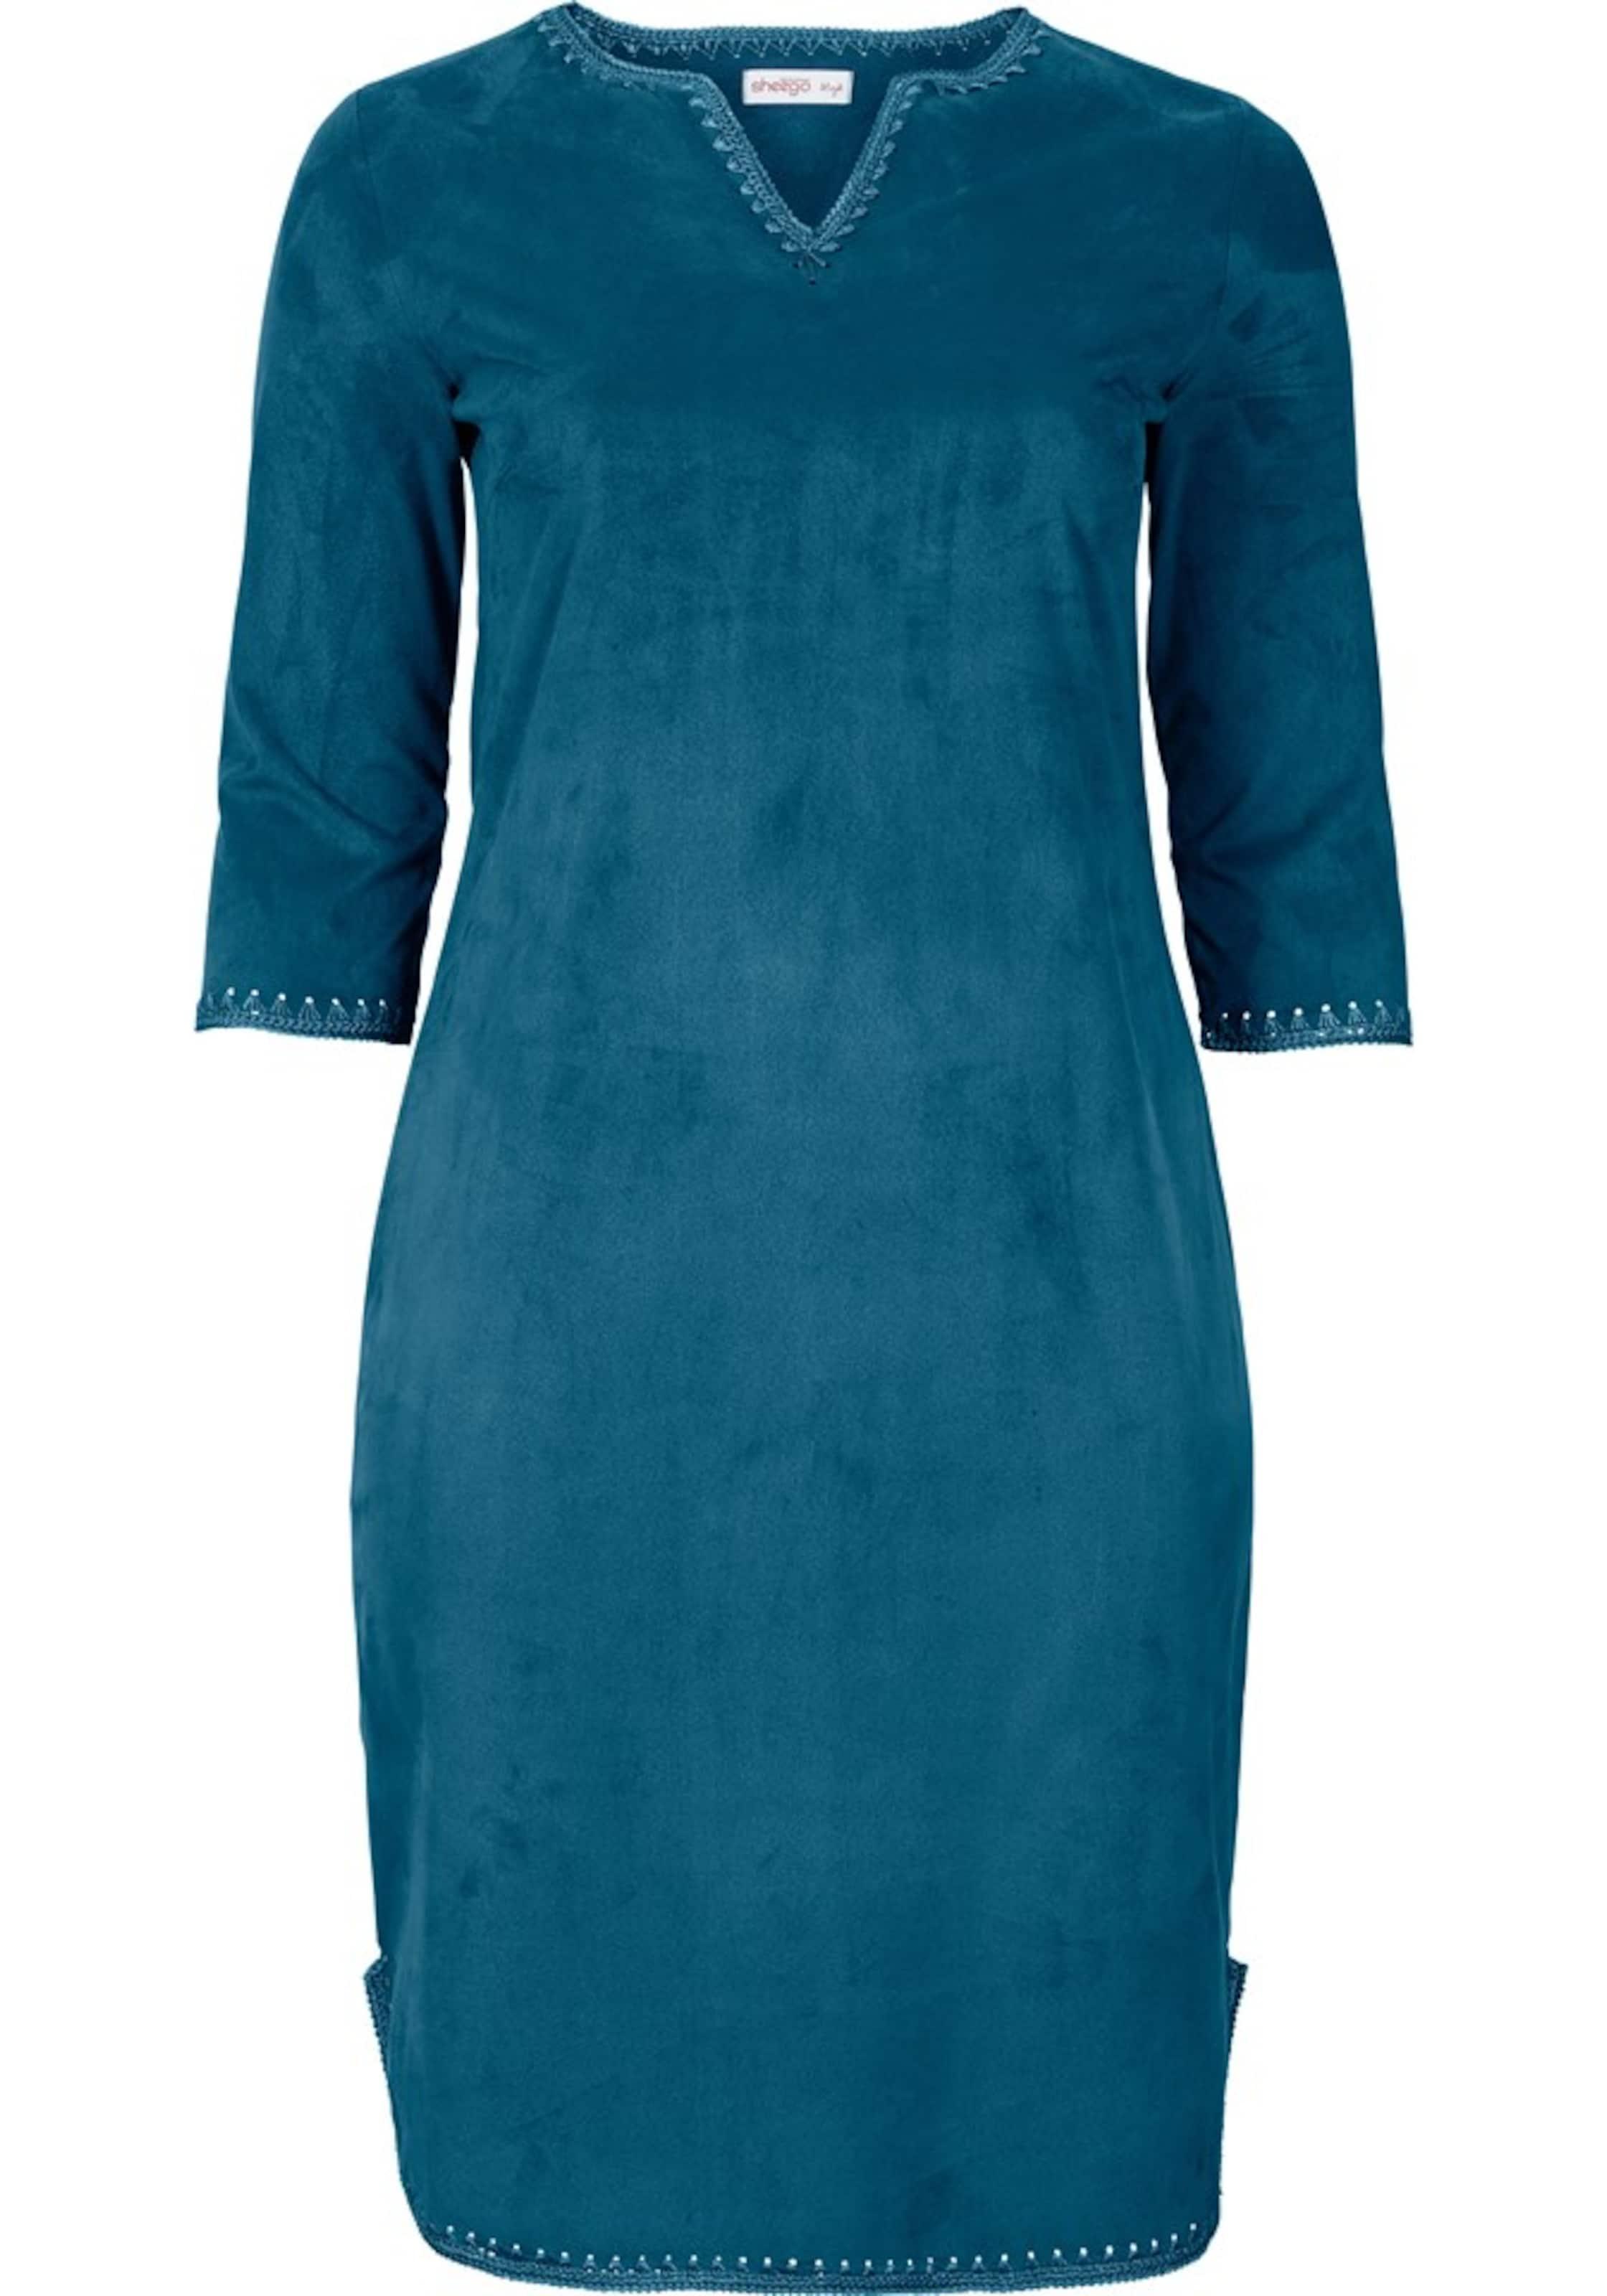 Himmelblau In Himmelblau Kleid In Sheego Kleid Sheego In Sheego Kleid Sheego In Kleid Himmelblau 5uF1TcJlK3